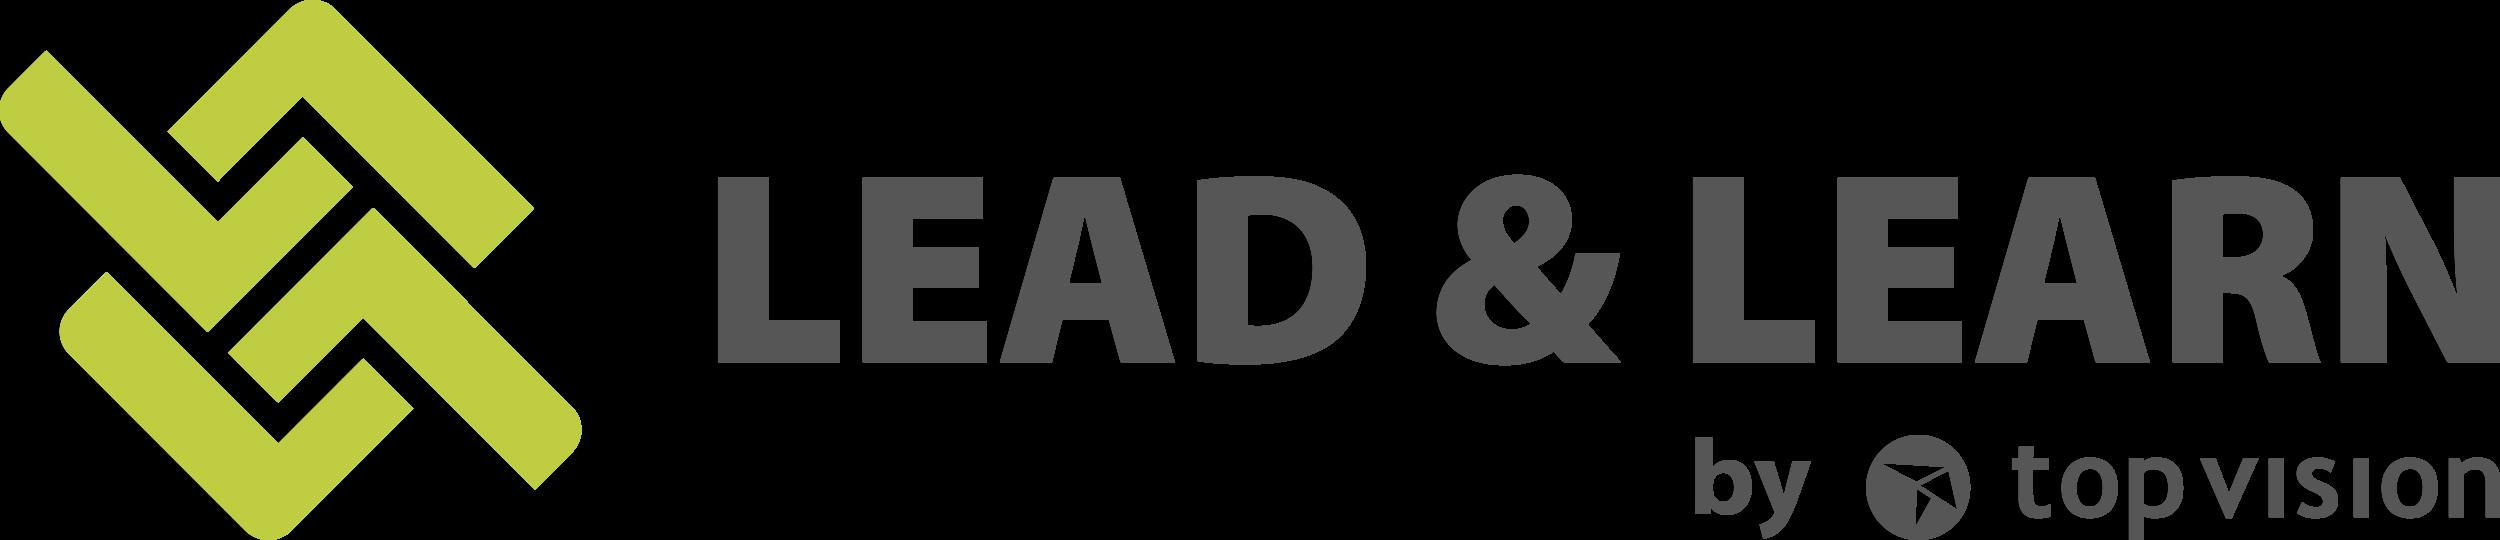 LEAD & LEARN